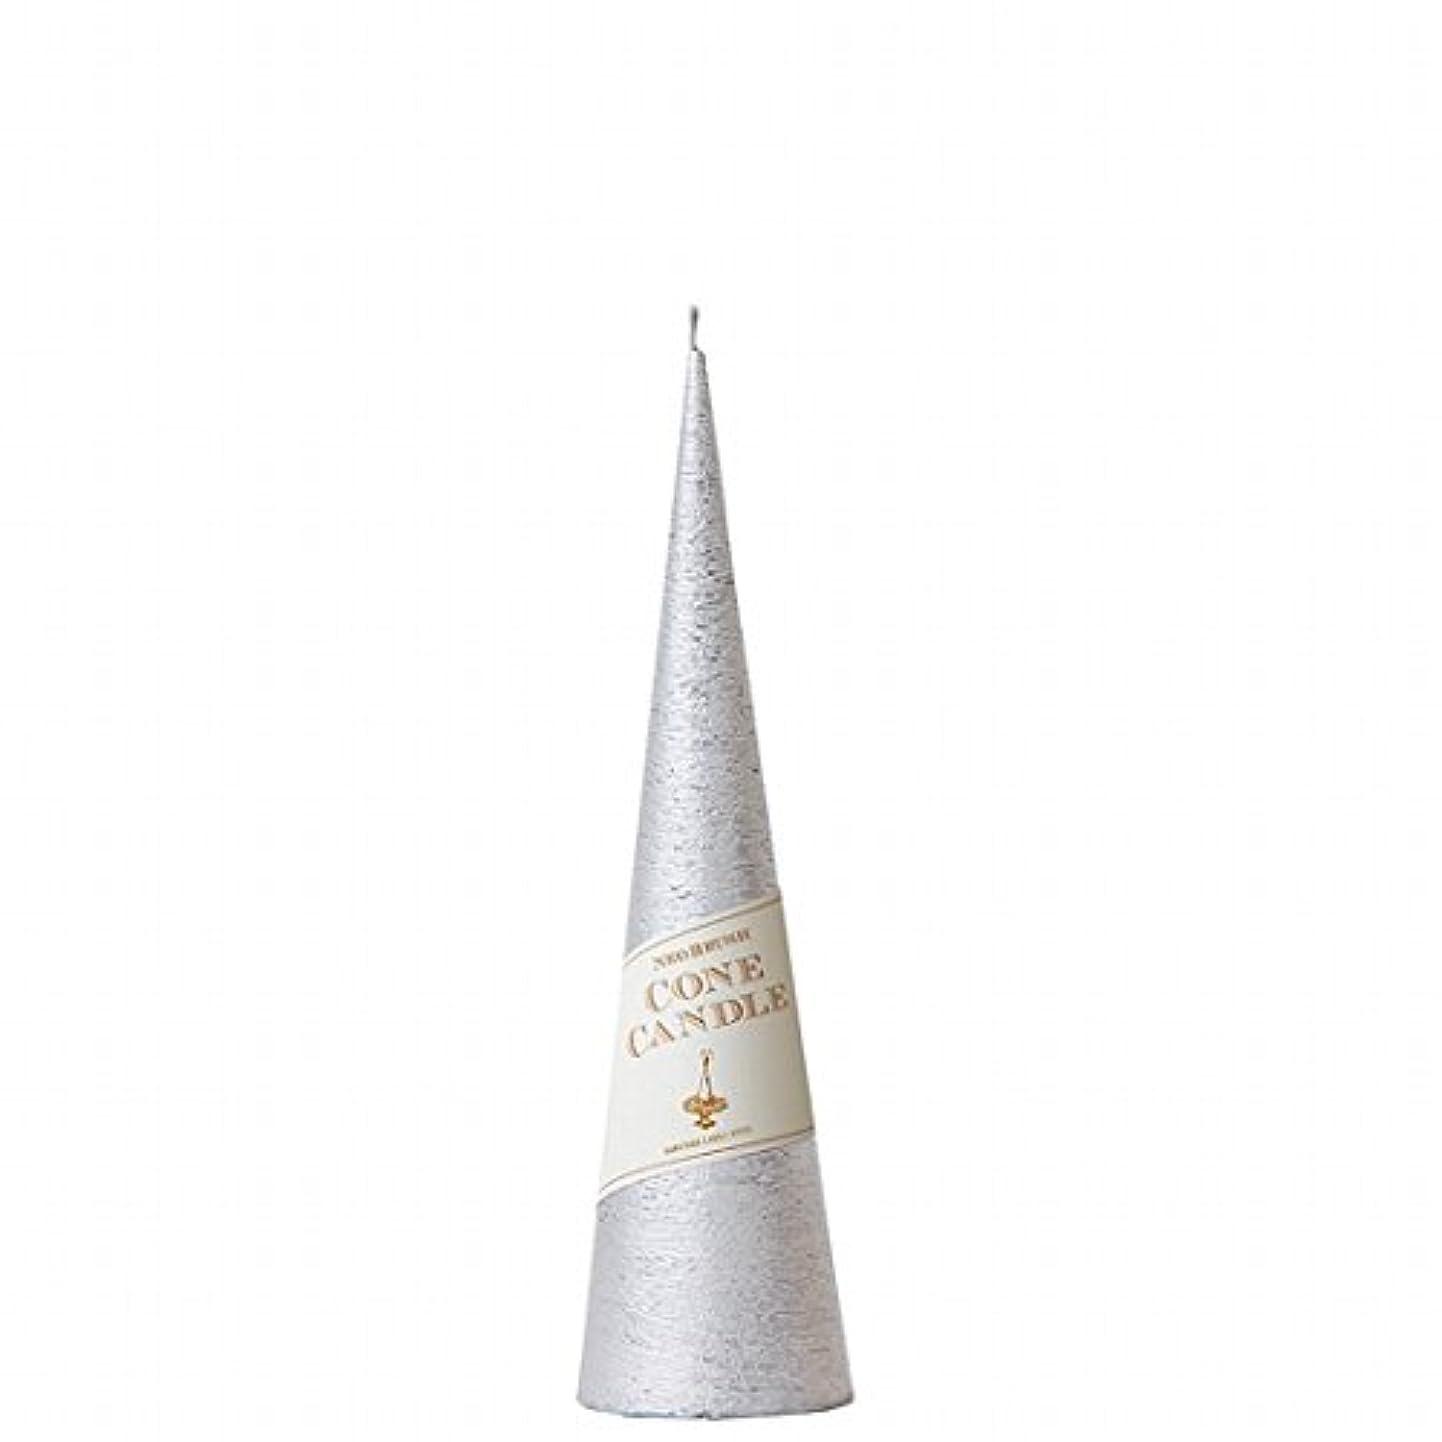 インク歌う話すkameyama candle(カメヤマキャンドル) ネオブラッシュコーン 230 キャンドル 「 シルバー 」(A9750120SI)